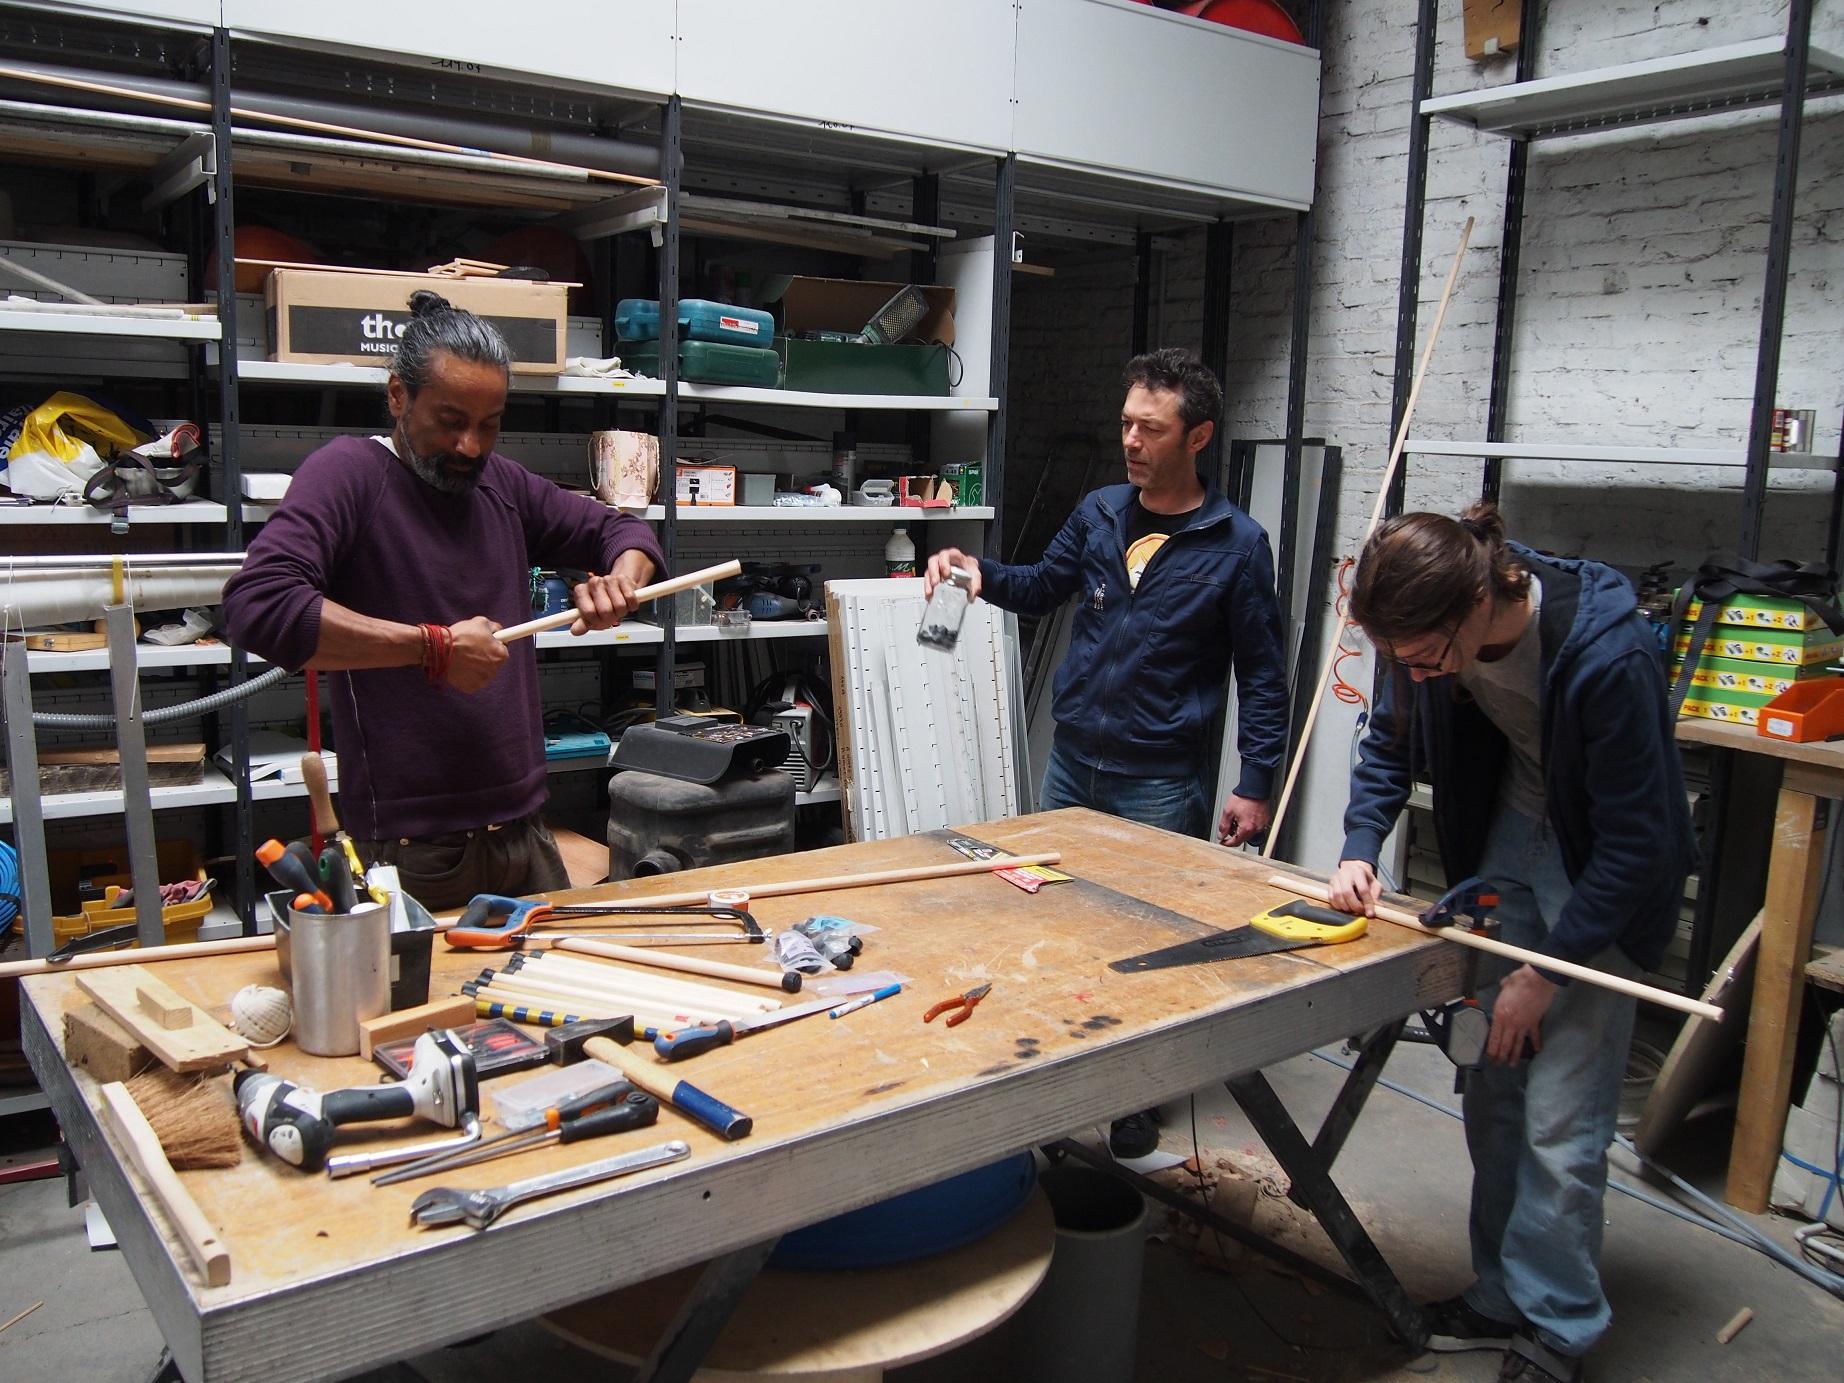 Dans l'atelier, de nouveaux instruments sont inventés en permanence.